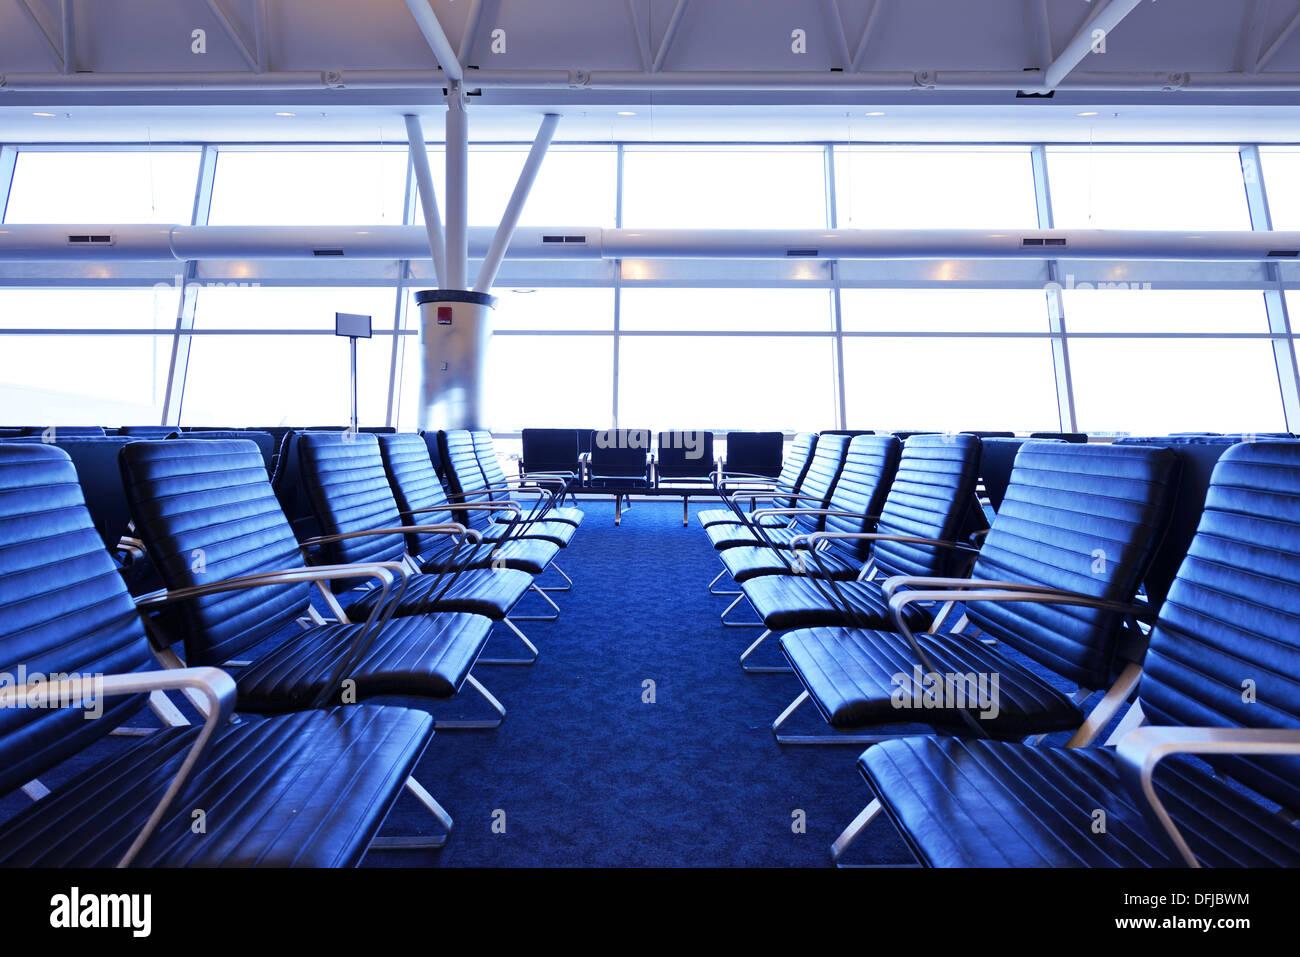 Leere Sitze auf einem Flughafen terminal. Stockbild